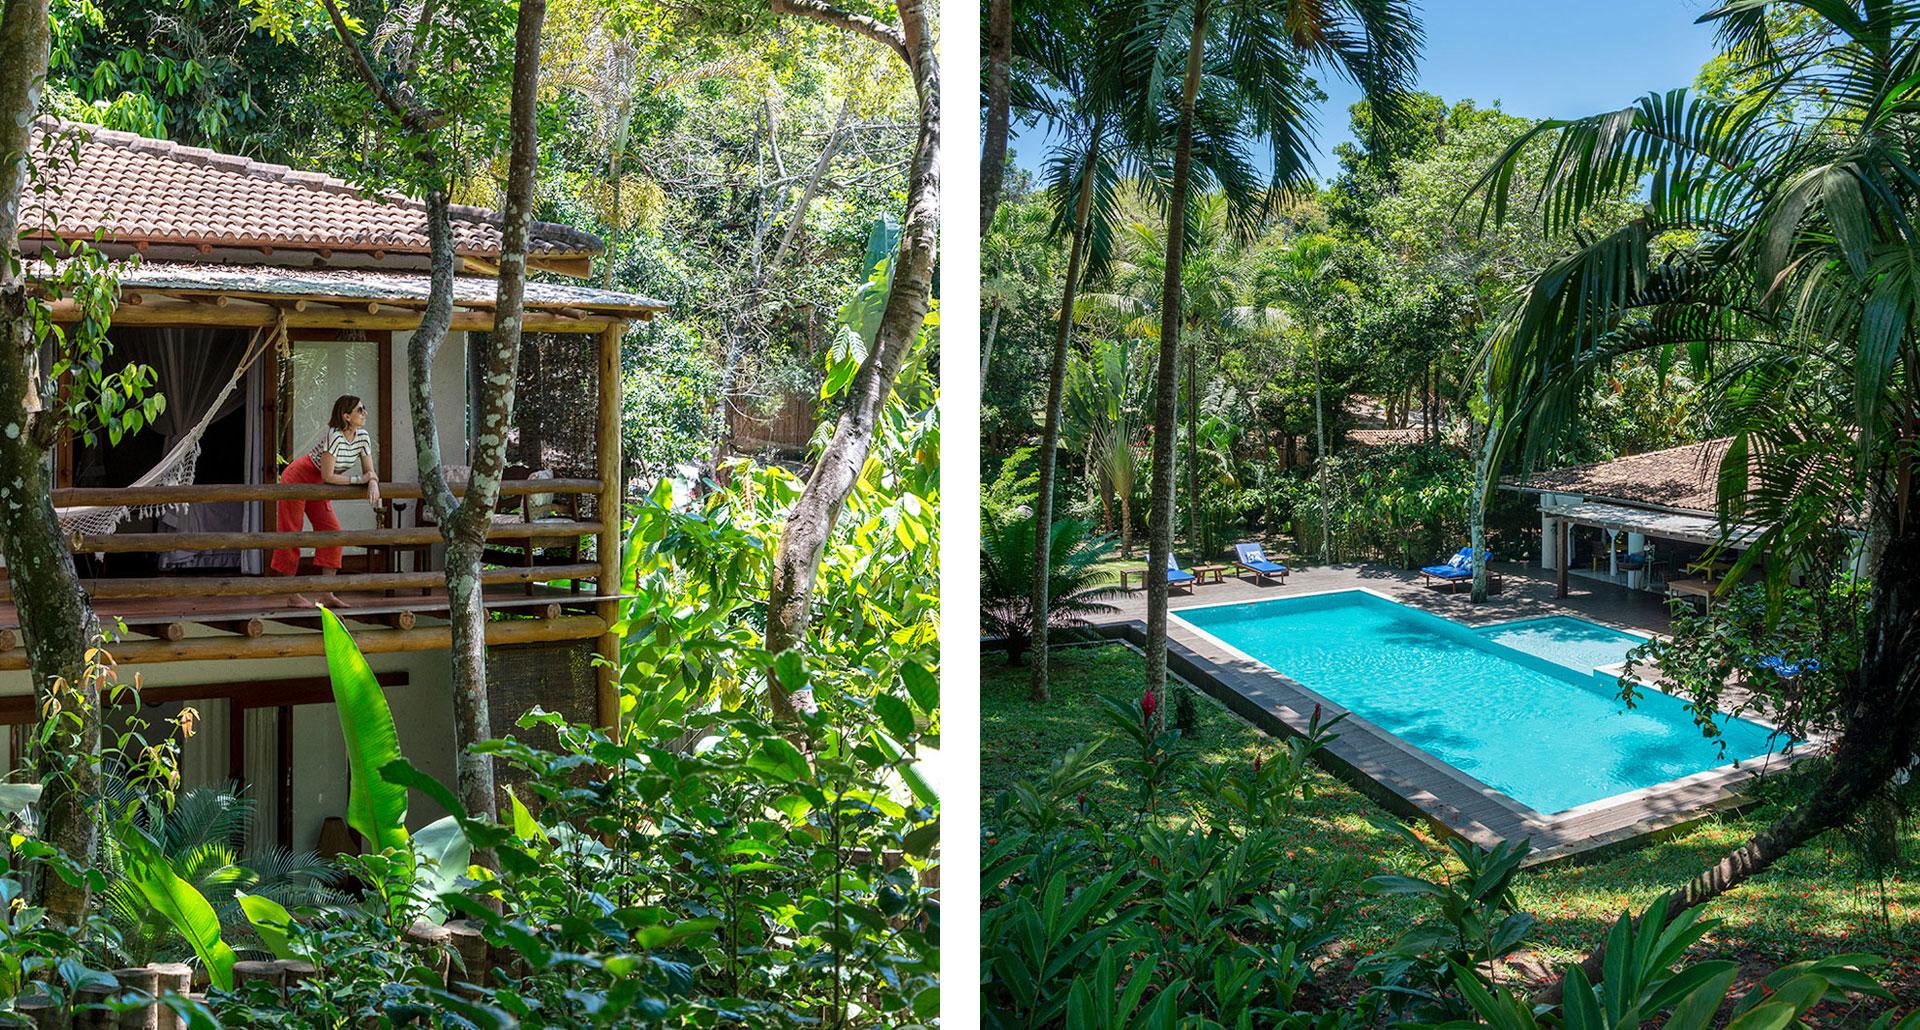 Etnia Casa Hotel - boutique hotel in Trancoso